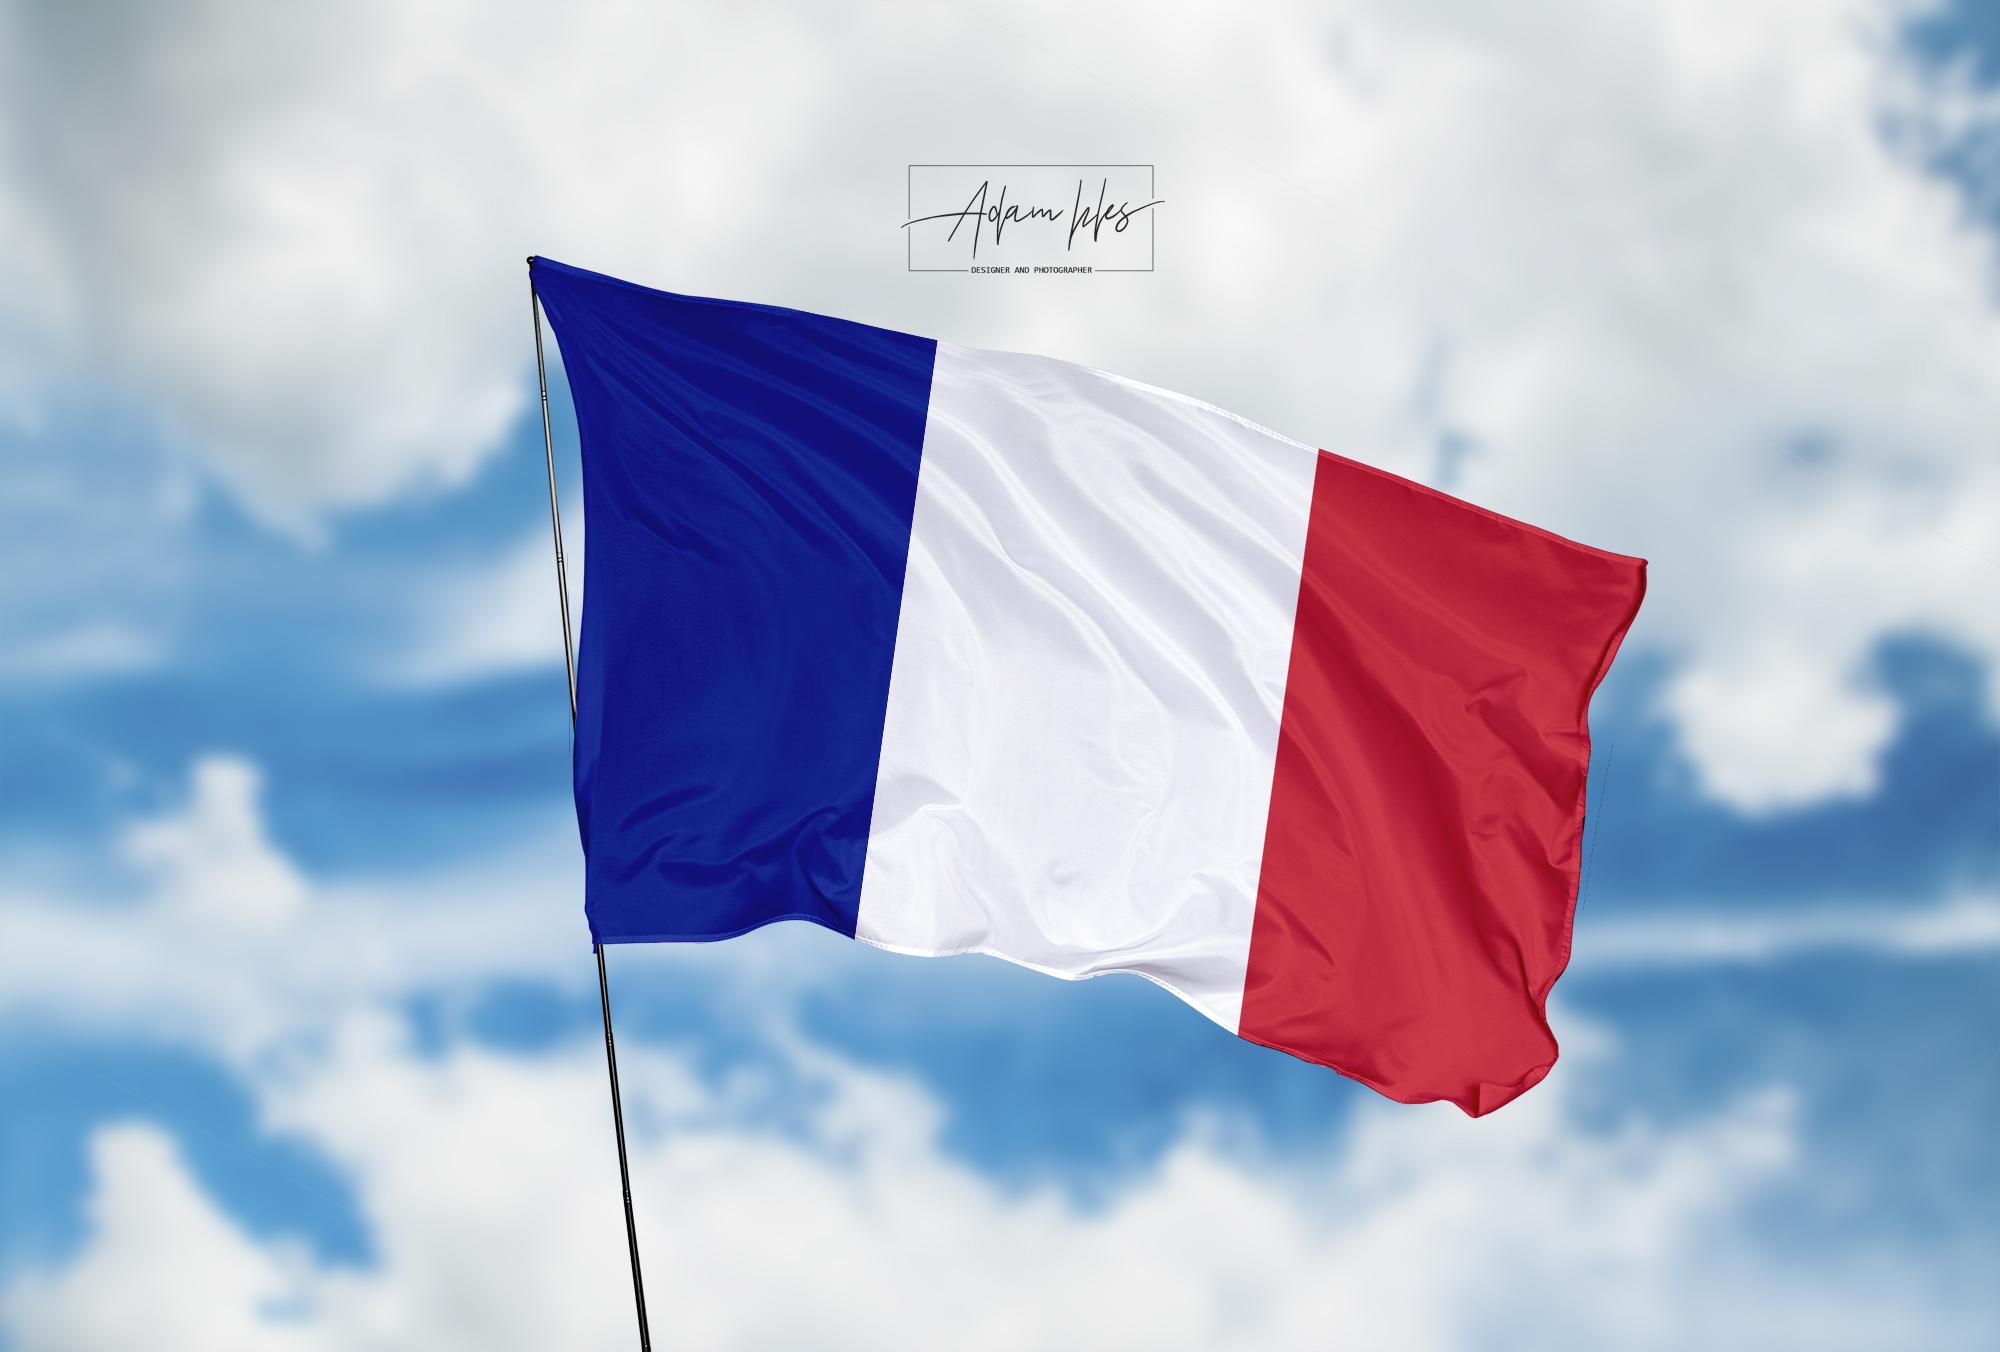 تحميل اجمل خلفية علم فرنسا يرفرف في السماء - اجمل خلفيات فرنسا الرائعة